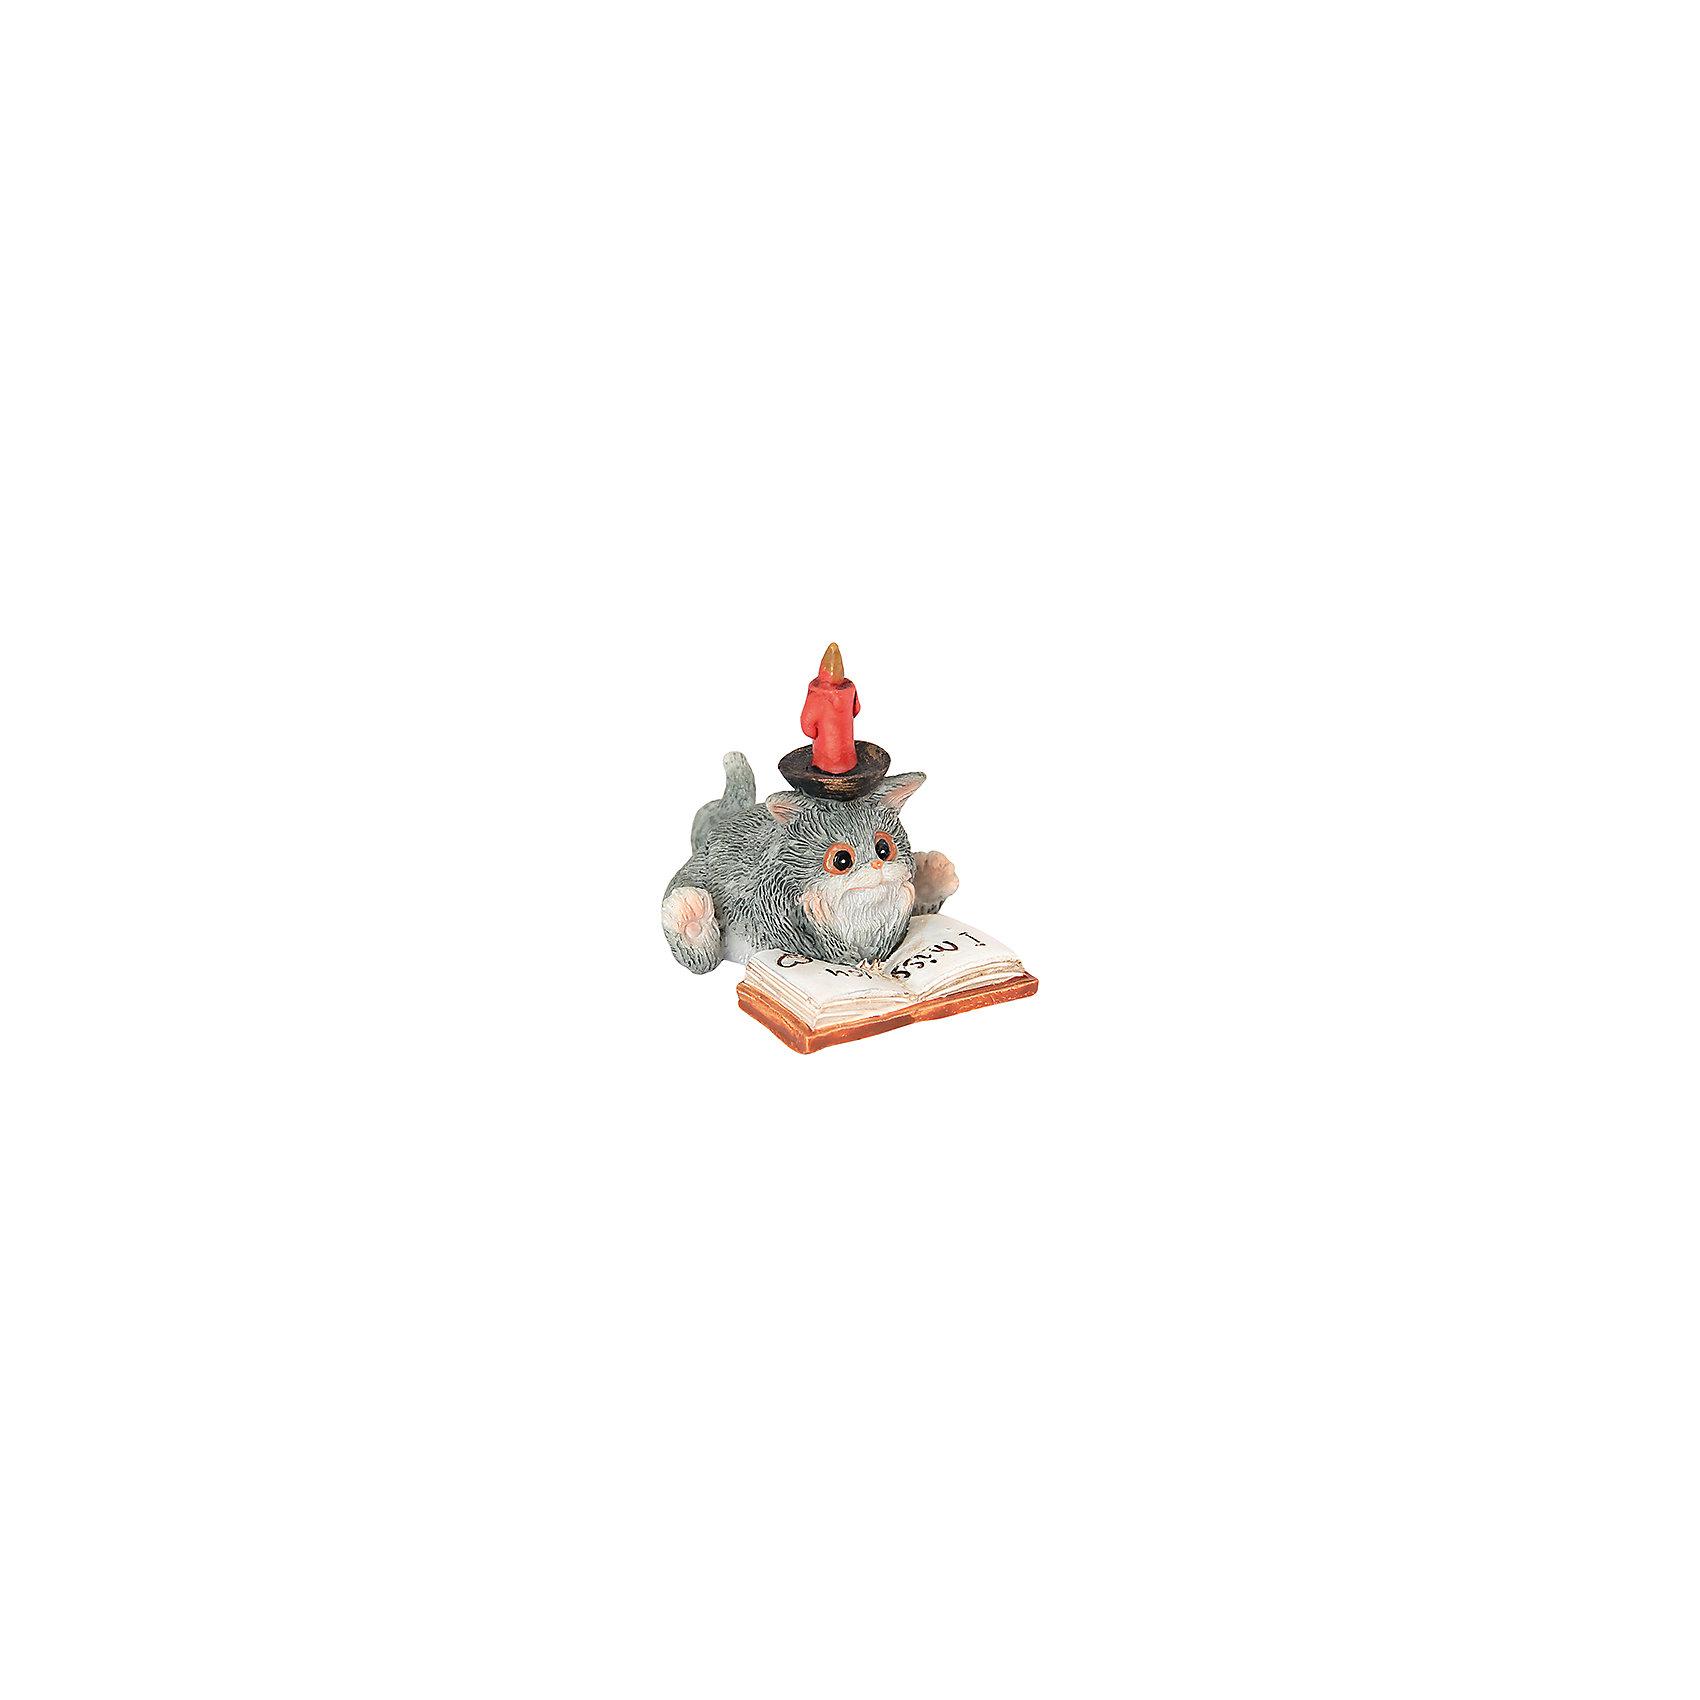 Фигурка декоративная Кот с книгой, Elan GalleryПредметы интерьера<br>Фигурка декоративная  Elan Gallery 3,5*5,5*4,5 см. Кот с книгой, Elan Gallery Декоративные фигурки - это отличный способ разнообразить внутреннее убранство вашего дома. Размер  3,5х5,5х4,5 см.<br><br>Ширина мм: 85<br>Глубина мм: 75<br>Высота мм: 75<br>Вес г: 69<br>Возраст от месяцев: 0<br>Возраст до месяцев: 1188<br>Пол: Унисекс<br>Возраст: Детский<br>SKU: 6669009